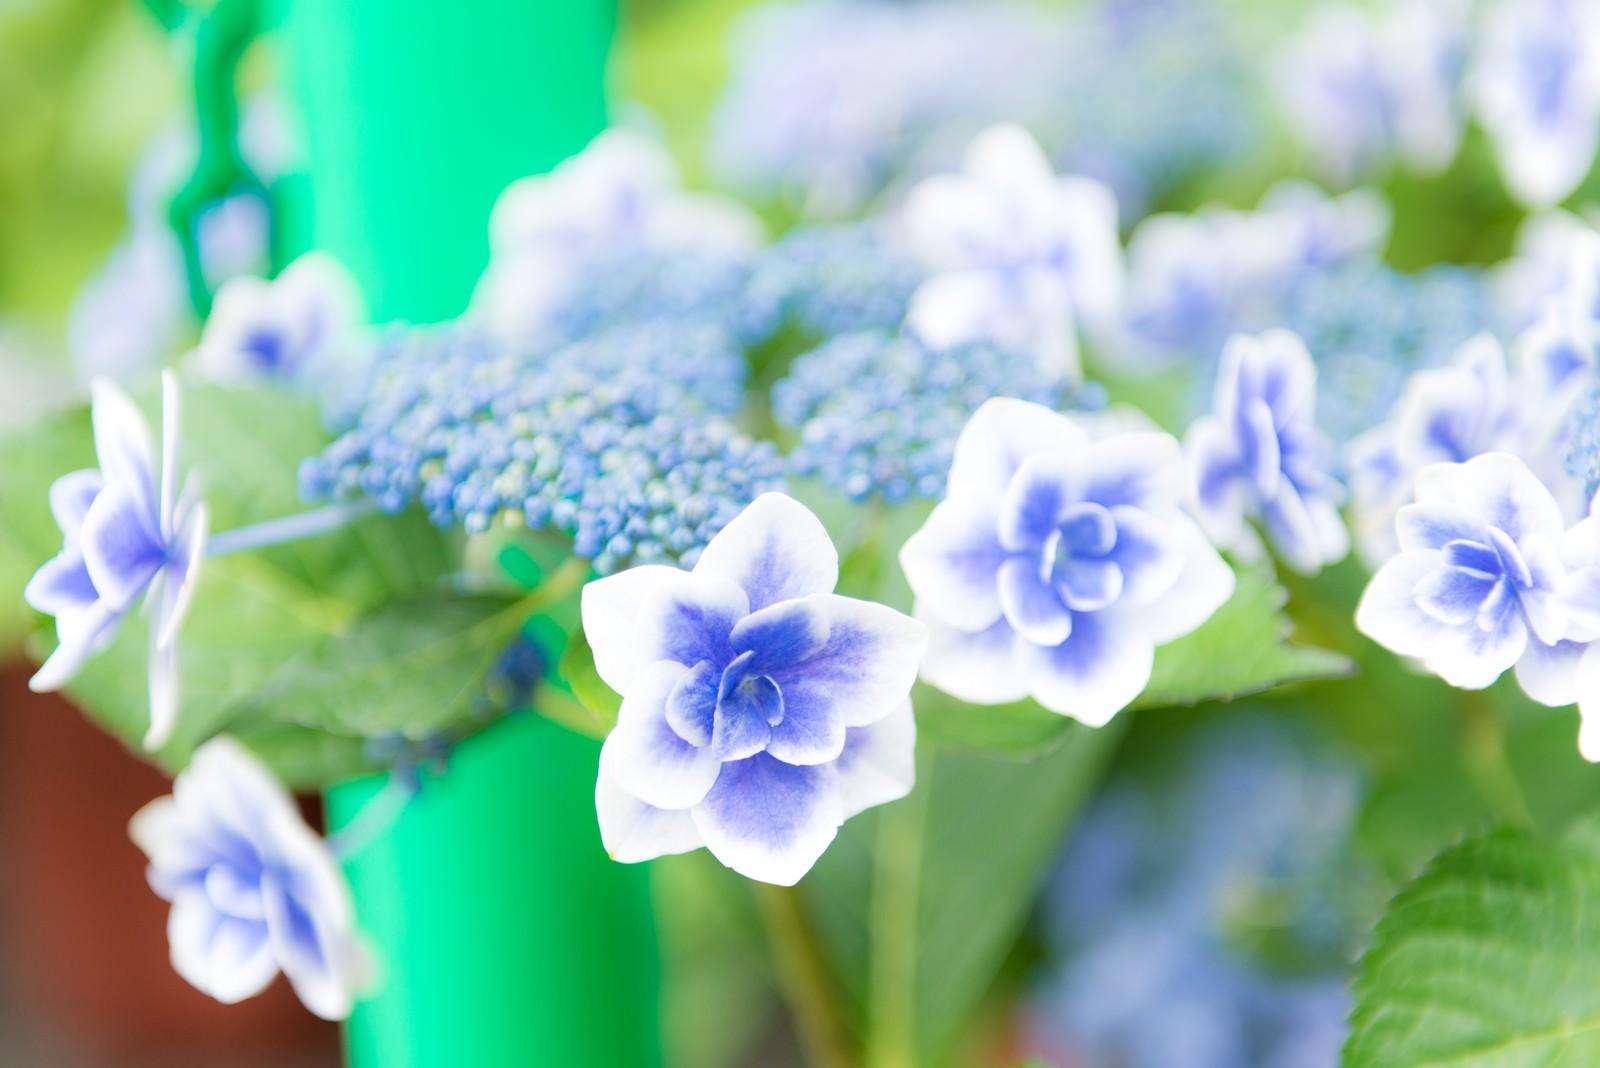 「紫陽花が咲く季節紫陽花が咲く季節」のフリー写真素材を拡大